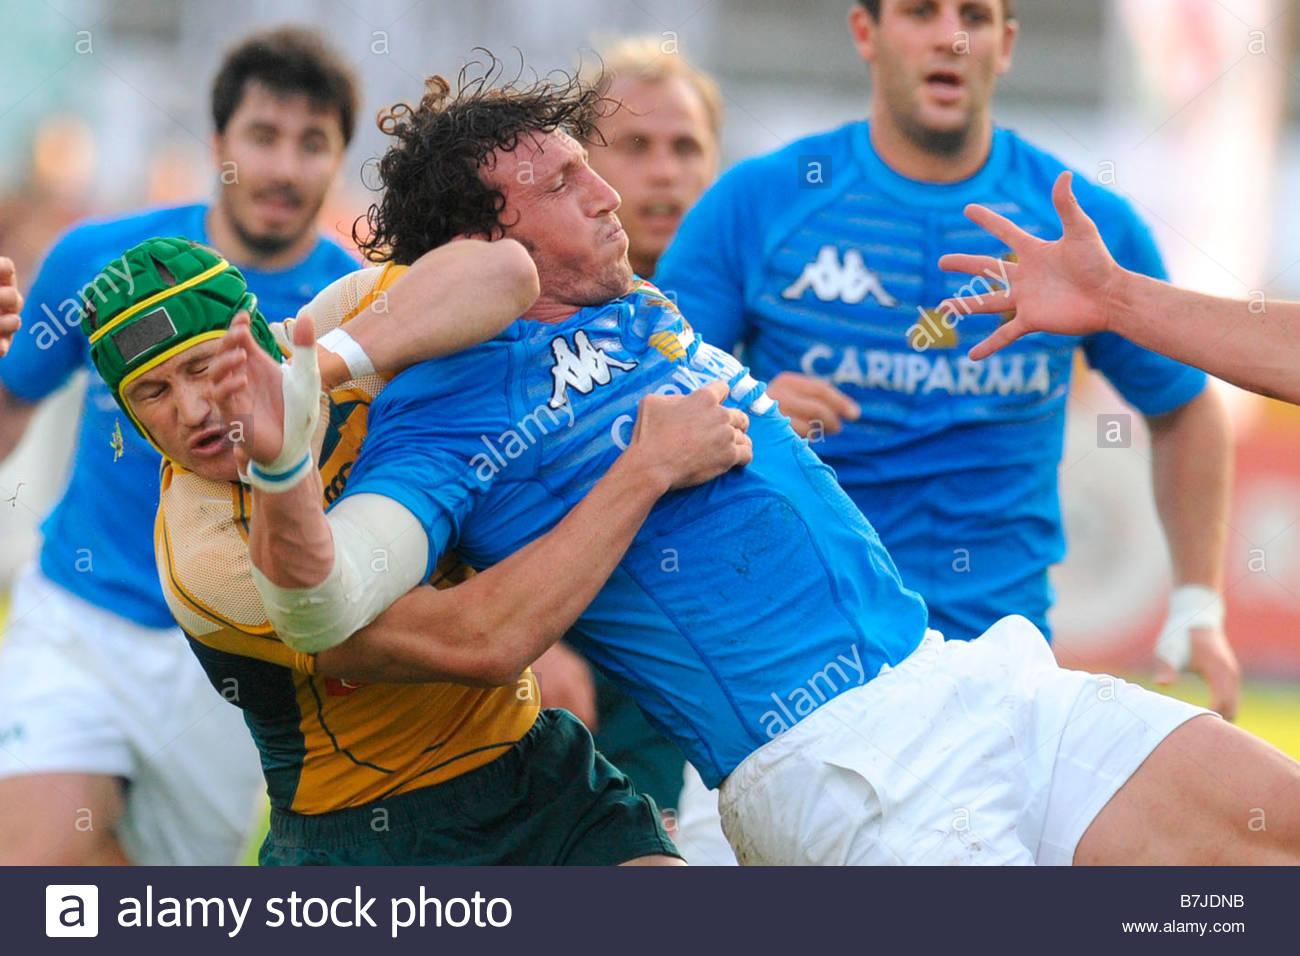 """Mauro Bergamasco Herausforderungen gegenüber matt giteu'padova 08 11 2008 """"Rugby Testspiel Italien-Australien 20 Stockfoto"""